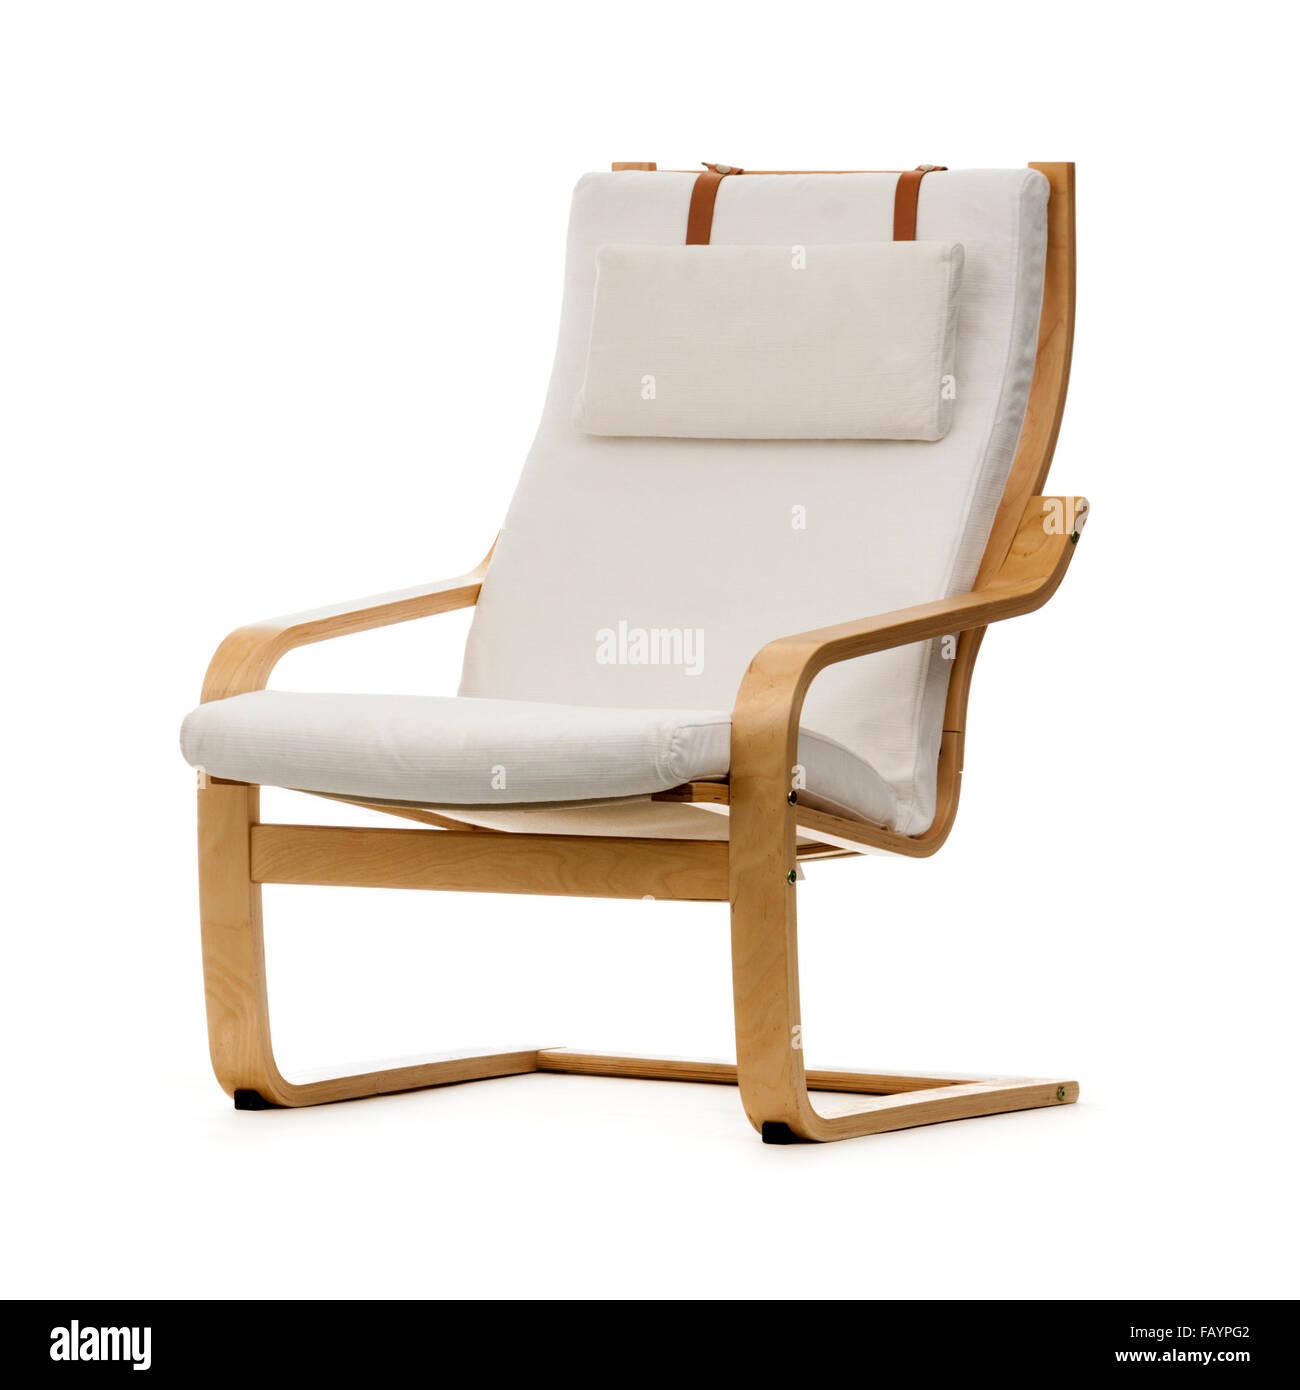 comme le Ikea en 1977 poème et POÄNG fauteuilintroduit Aq35jL4R